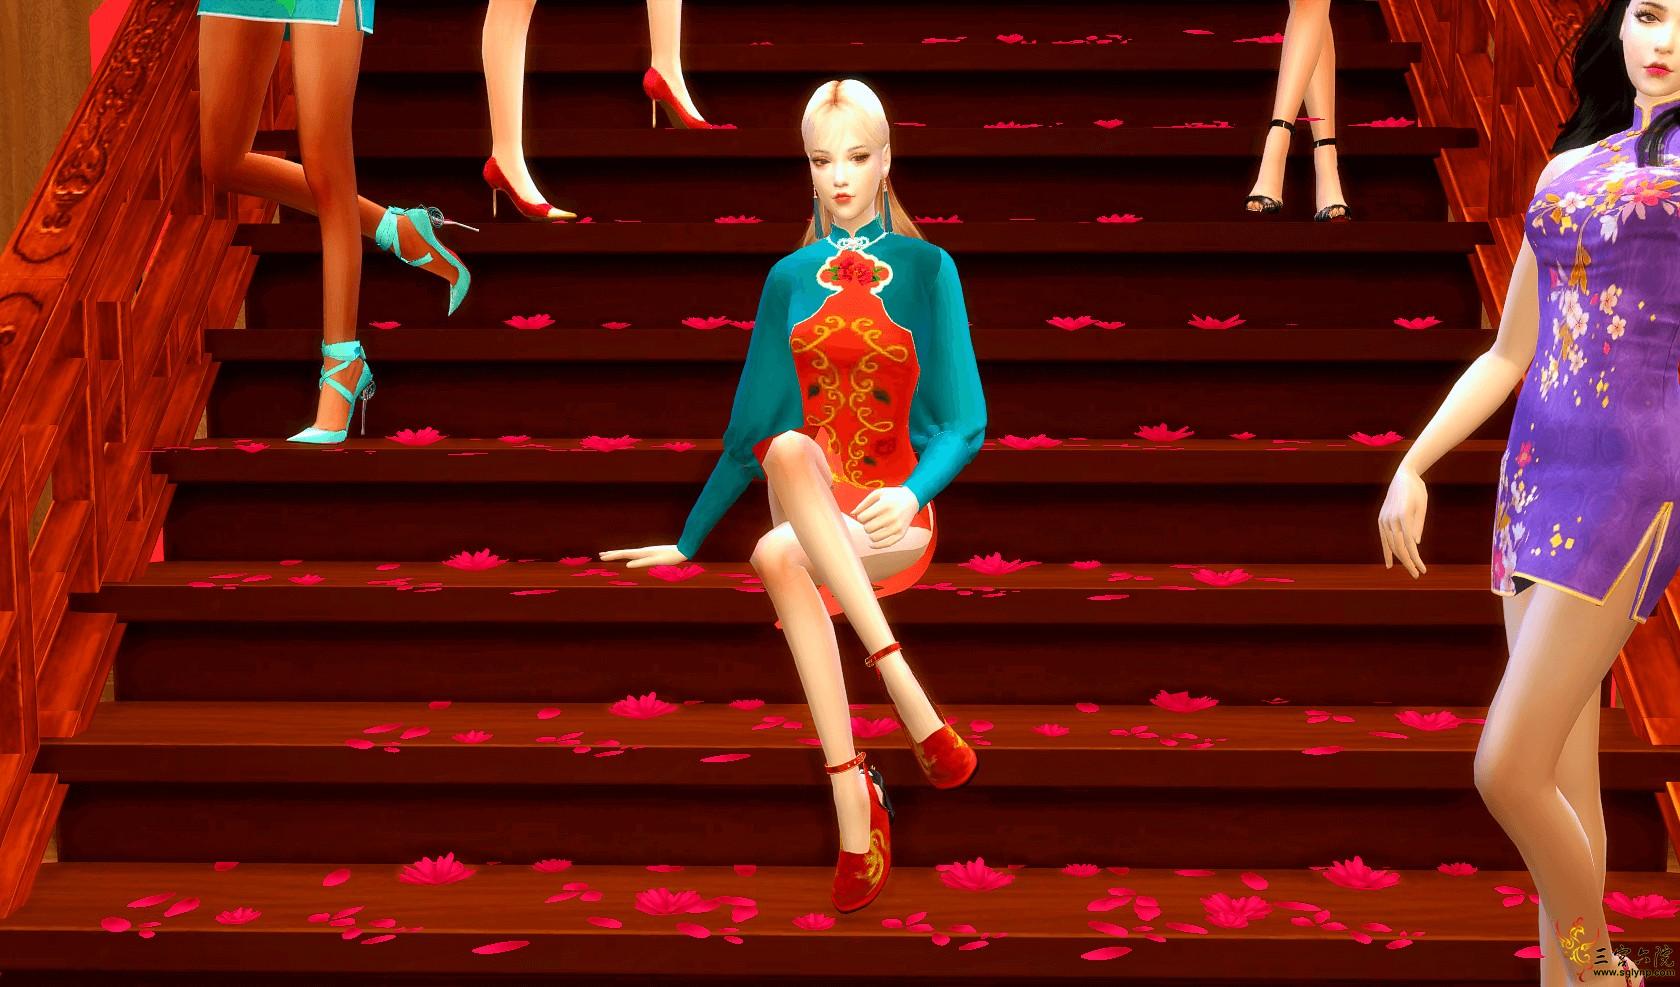 Sims 4 Screenshot 2020.06.21 - 02.10.20.33.png